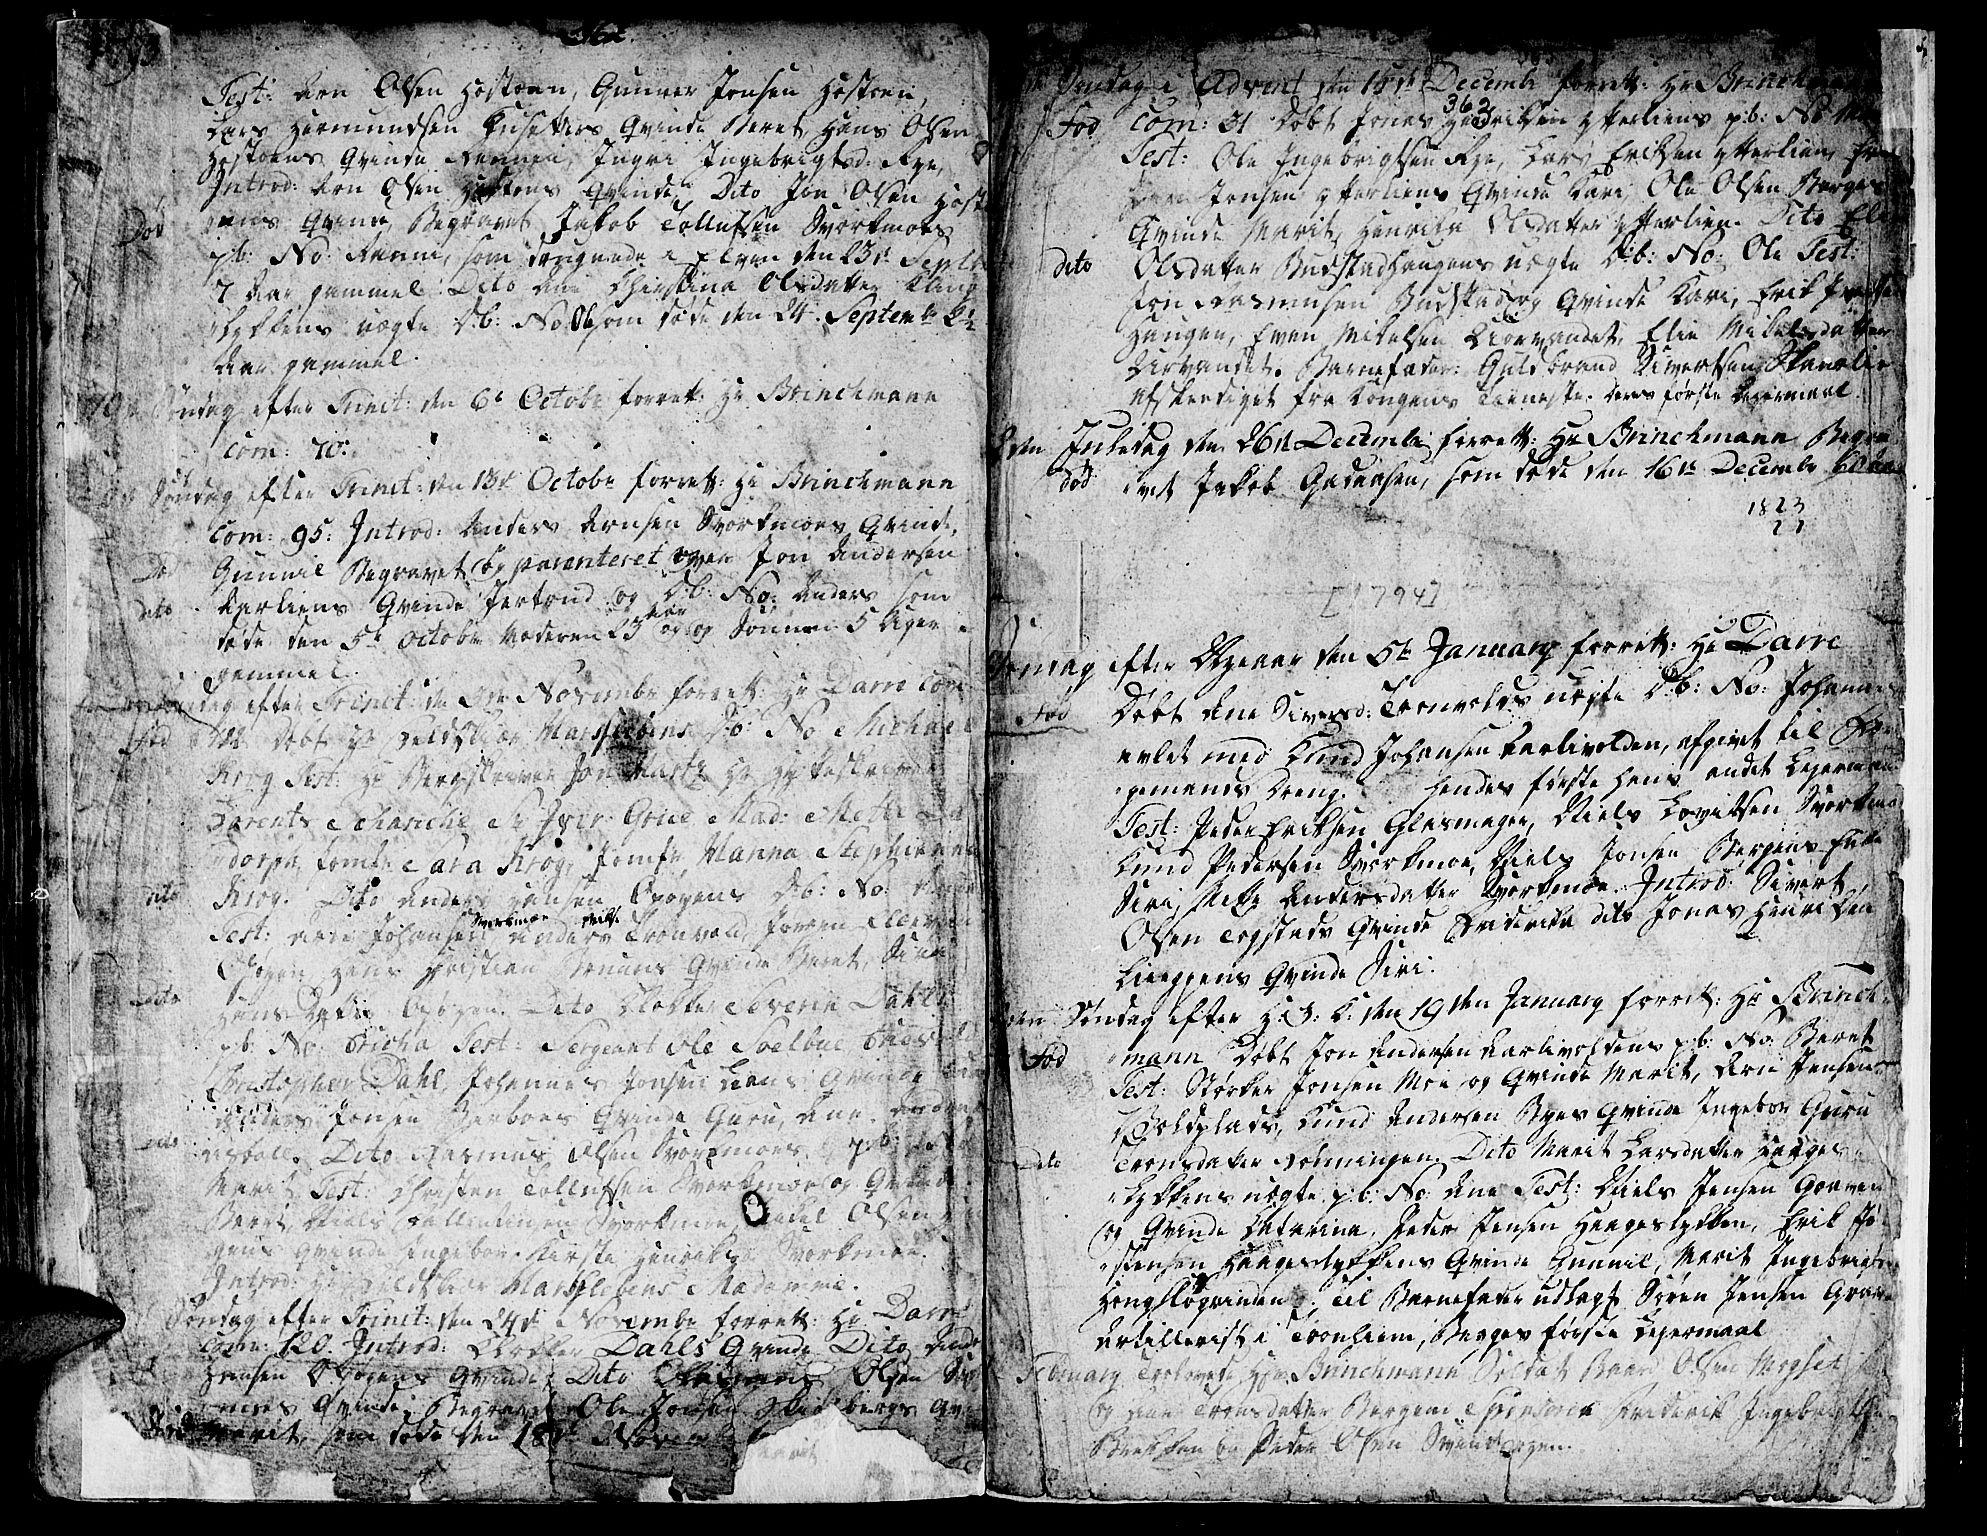 SAT, Ministerialprotokoller, klokkerbøker og fødselsregistre - Sør-Trøndelag, 671/L0840: Ministerialbok nr. 671A02, 1756-1794, s. 362-363